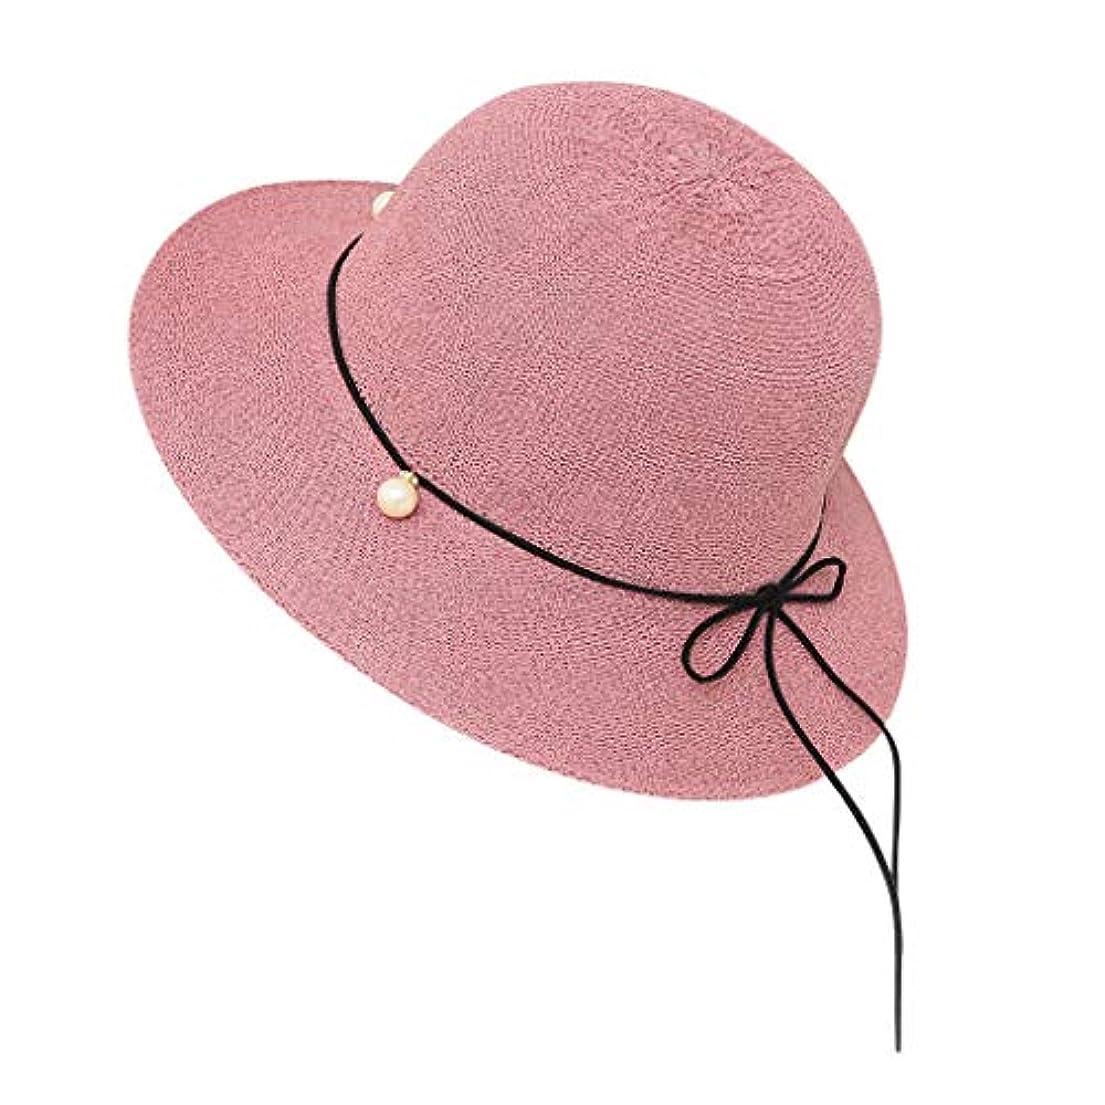 草動見かけ上帽子 レディース 夏 女性 UVカット 帽子 ハット 漁師帽 つば広 吸汗通気 紫外線対策 大きいサイズ 日焼け防止 サイズ調節 ベレー帽 帽子 レディース ビーチ 海辺 森ガール 女優帽 日よけ ROSE ROMAN